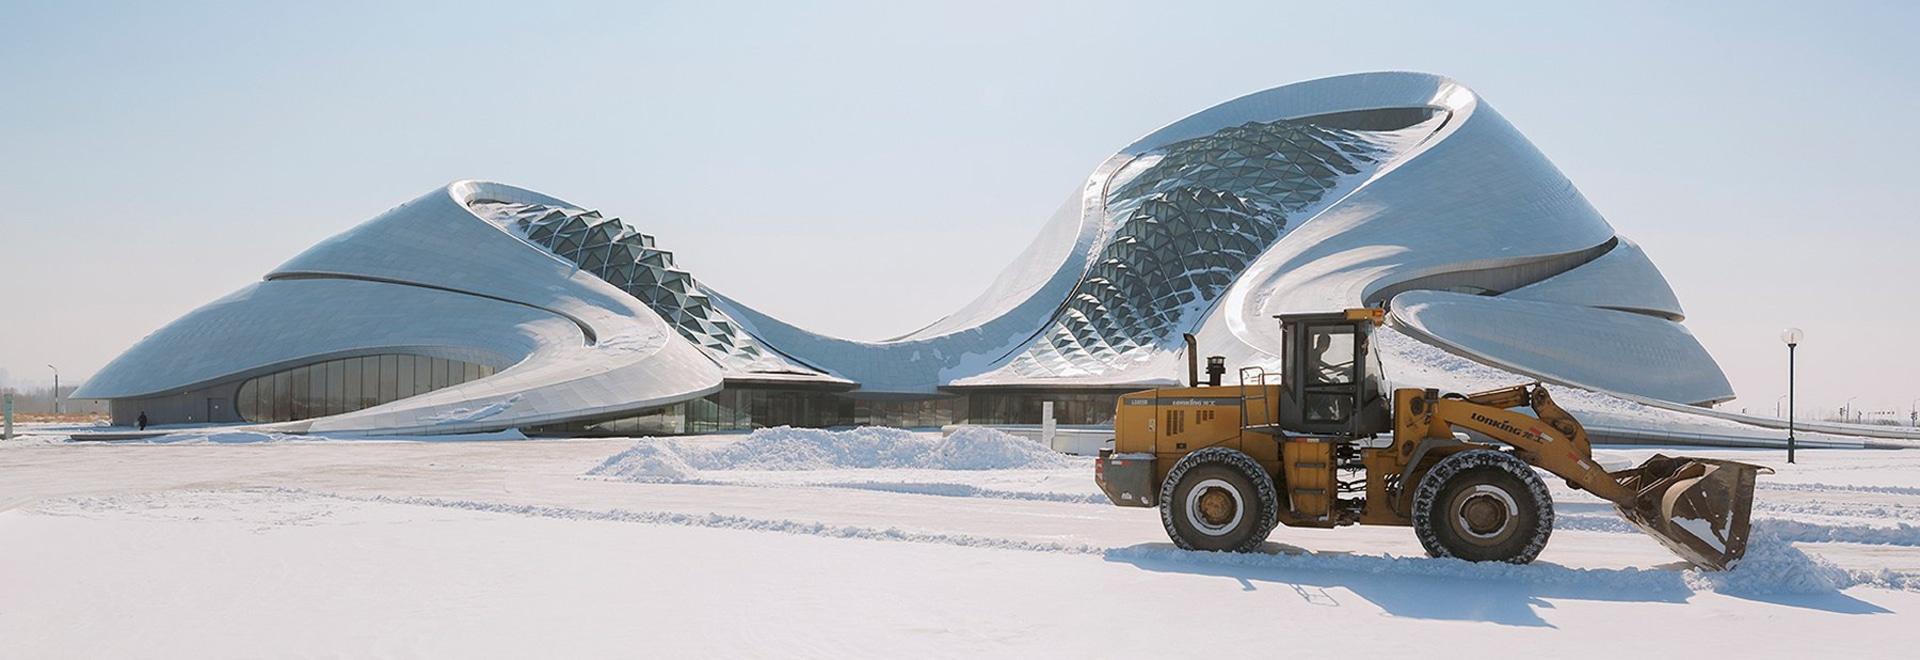 théatre de l'opéra de Harbin des architectes FOUS de photographies de gallardo d'andrés dans la ville de la glace de la porcelaine